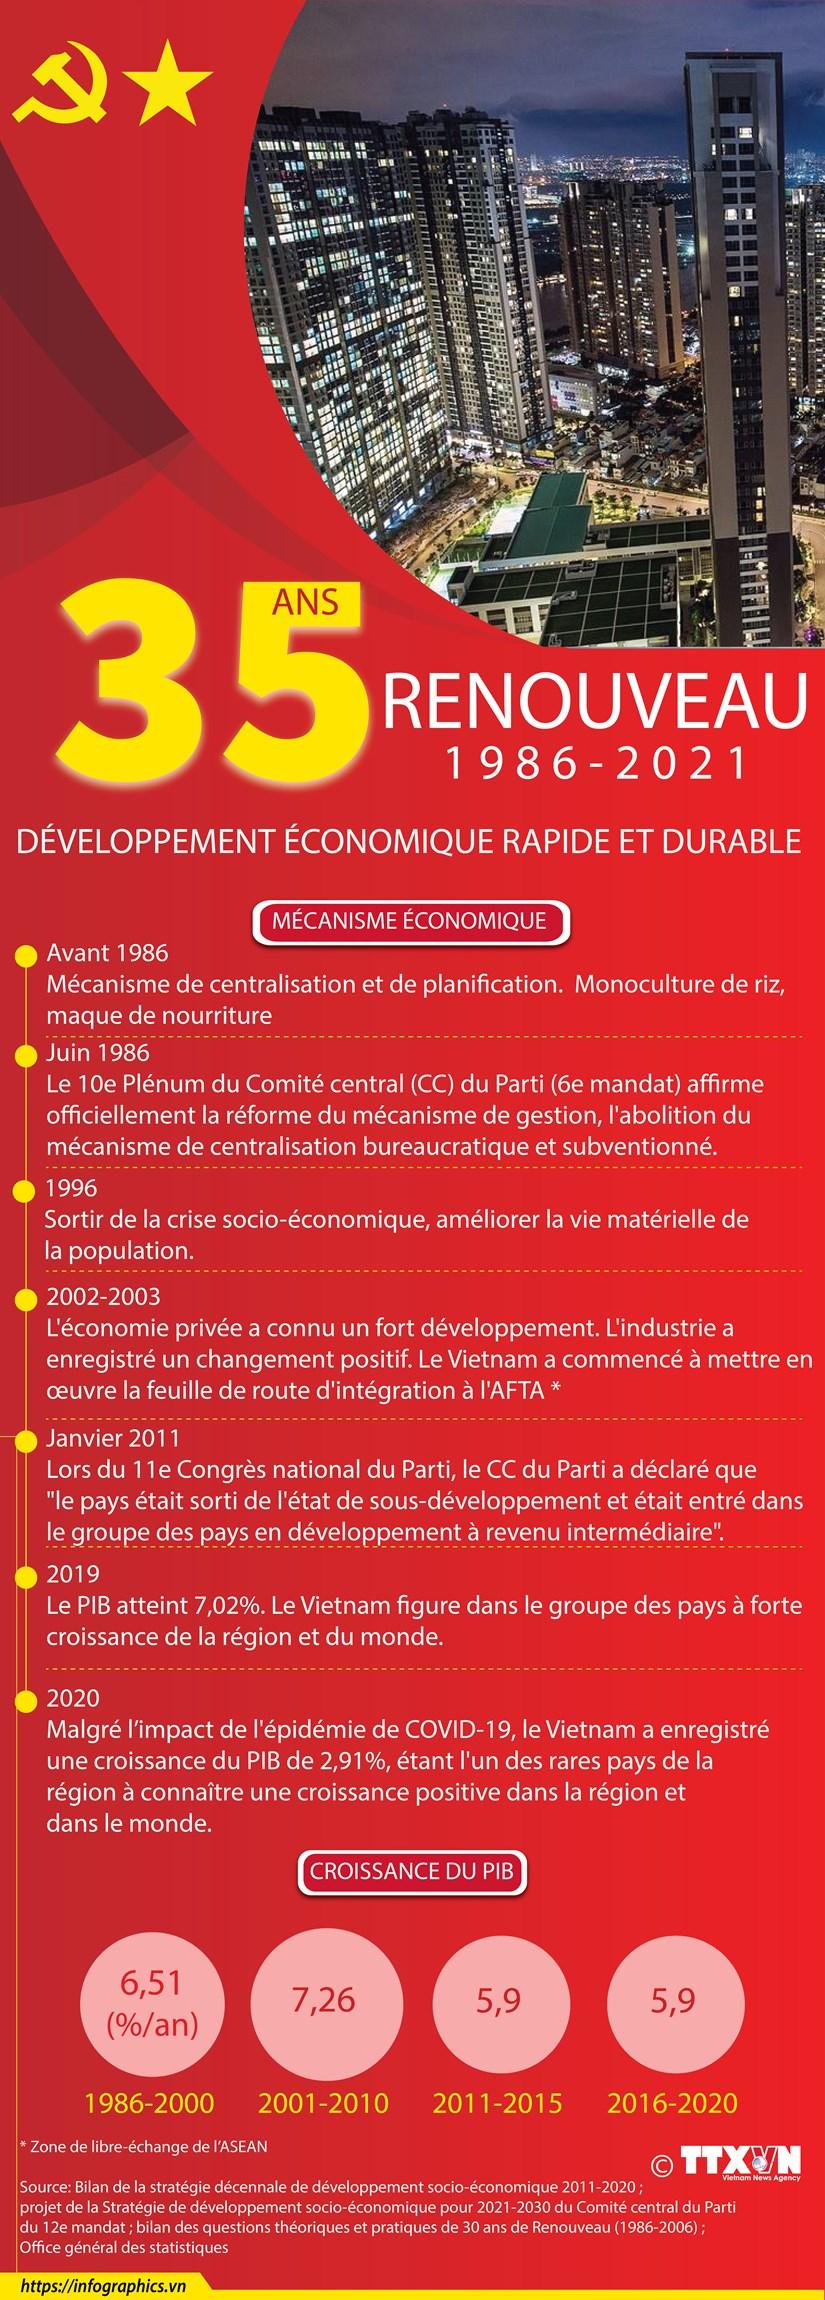 35 ans de Renouveau: Developpement economique rapide et durable hinh anh 1